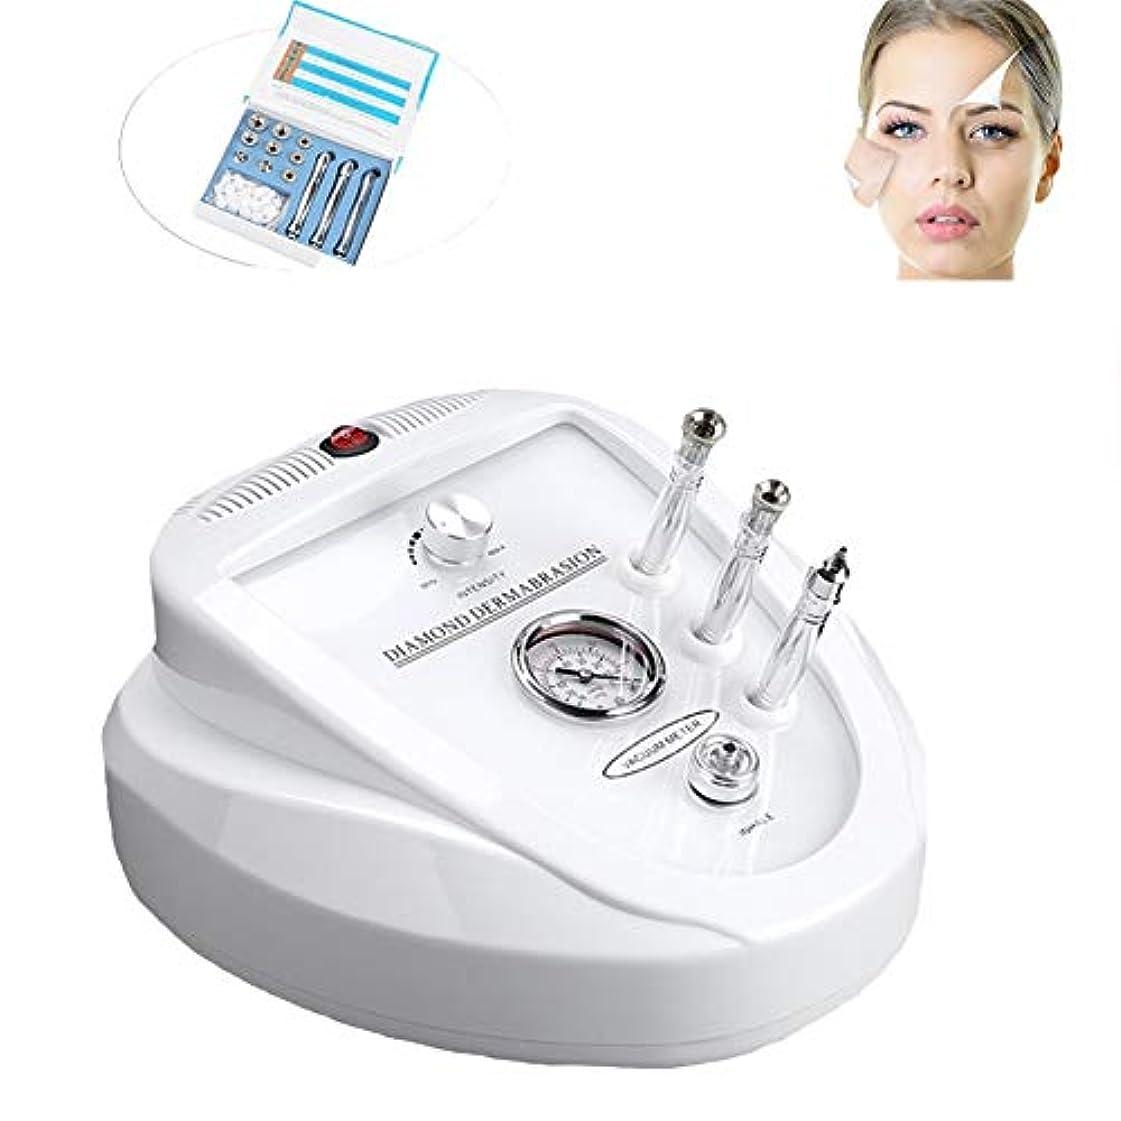 雑草震えるエラー3-1 - ダイヤモンド皮膚剥離マイクロダーマブレーションマシン剥離皮膚更新機器